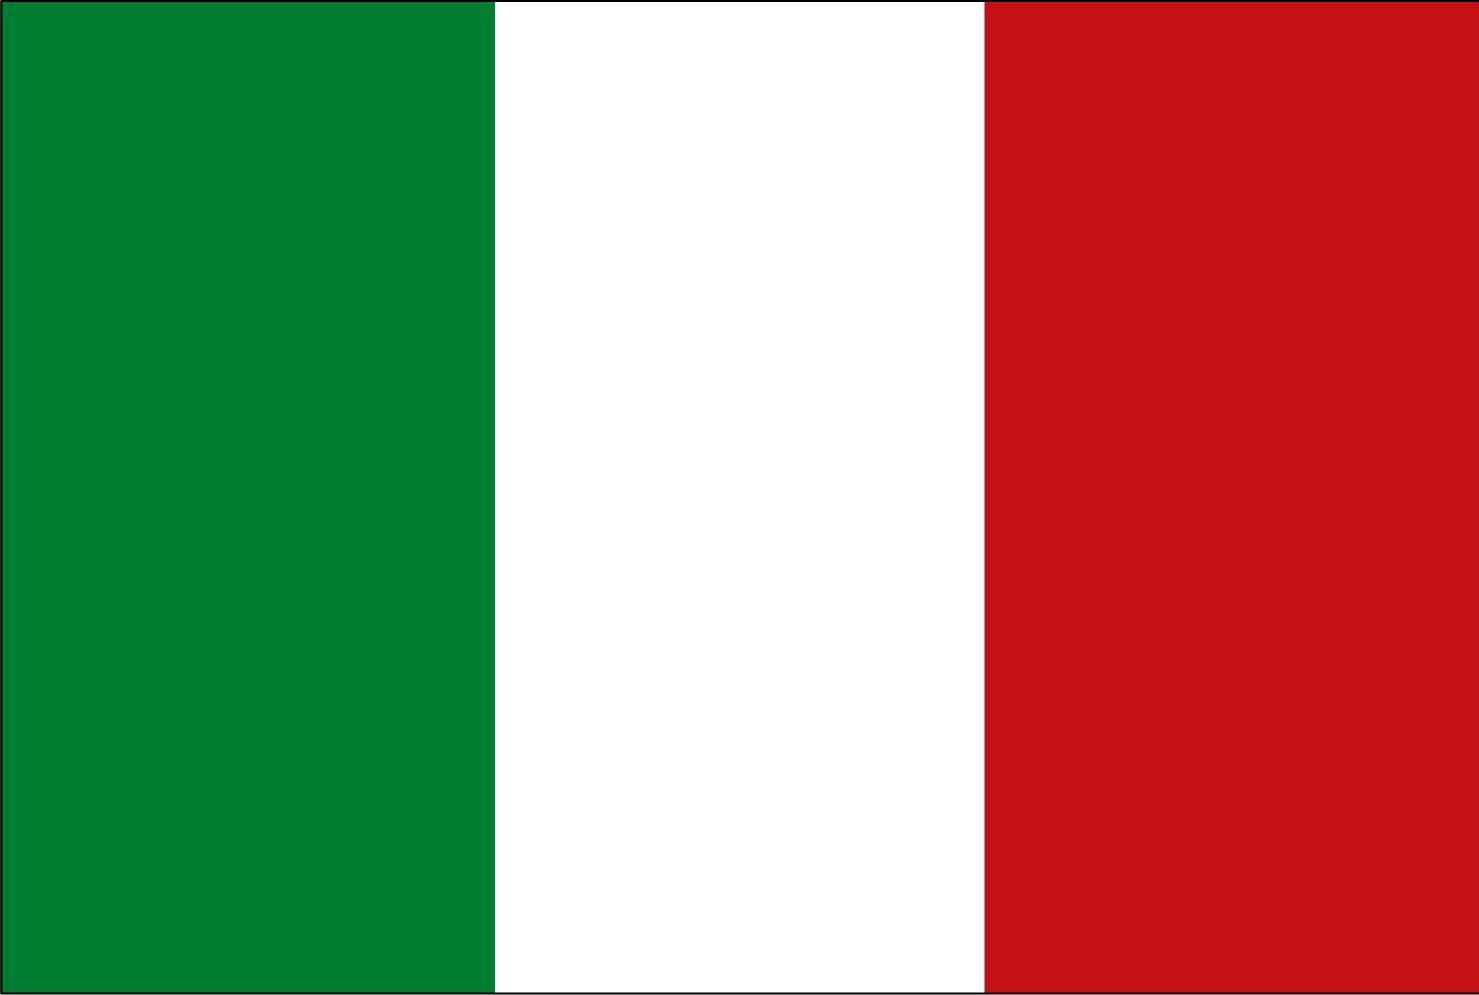 Bandeira Do Italia